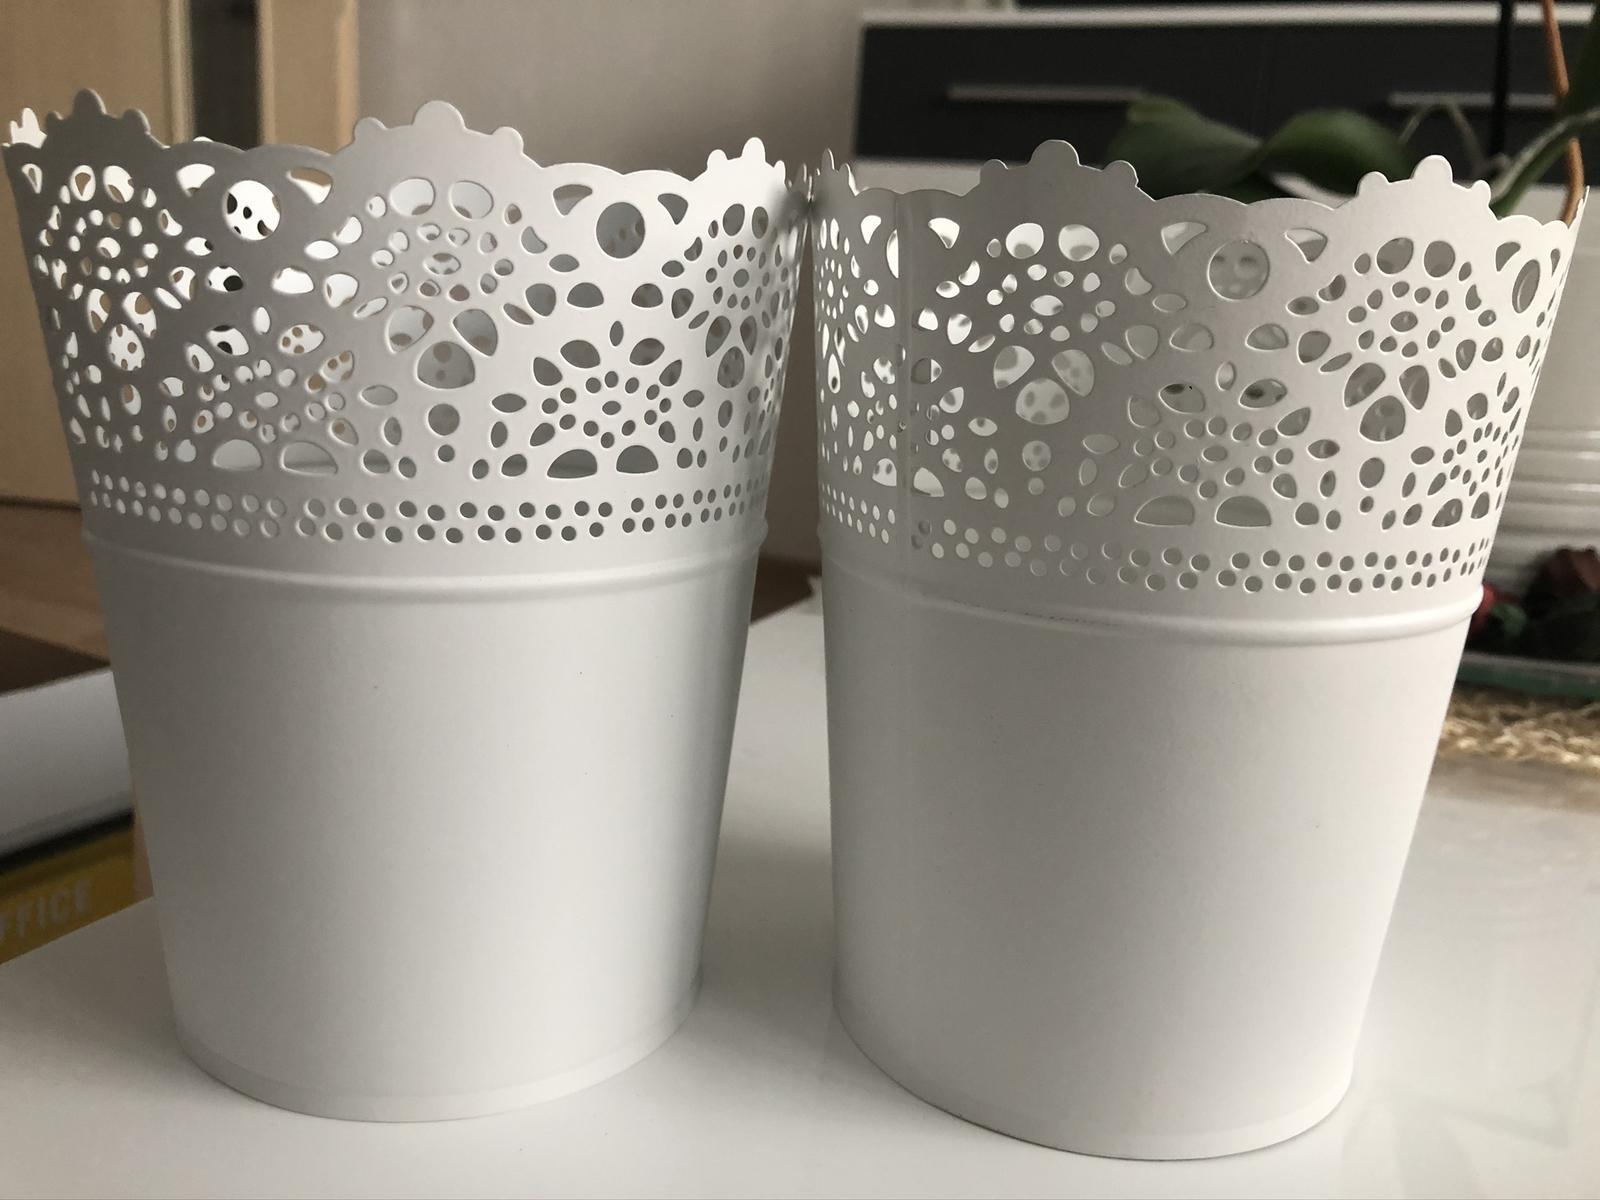 květináčky ikea - Obrázek č. 1